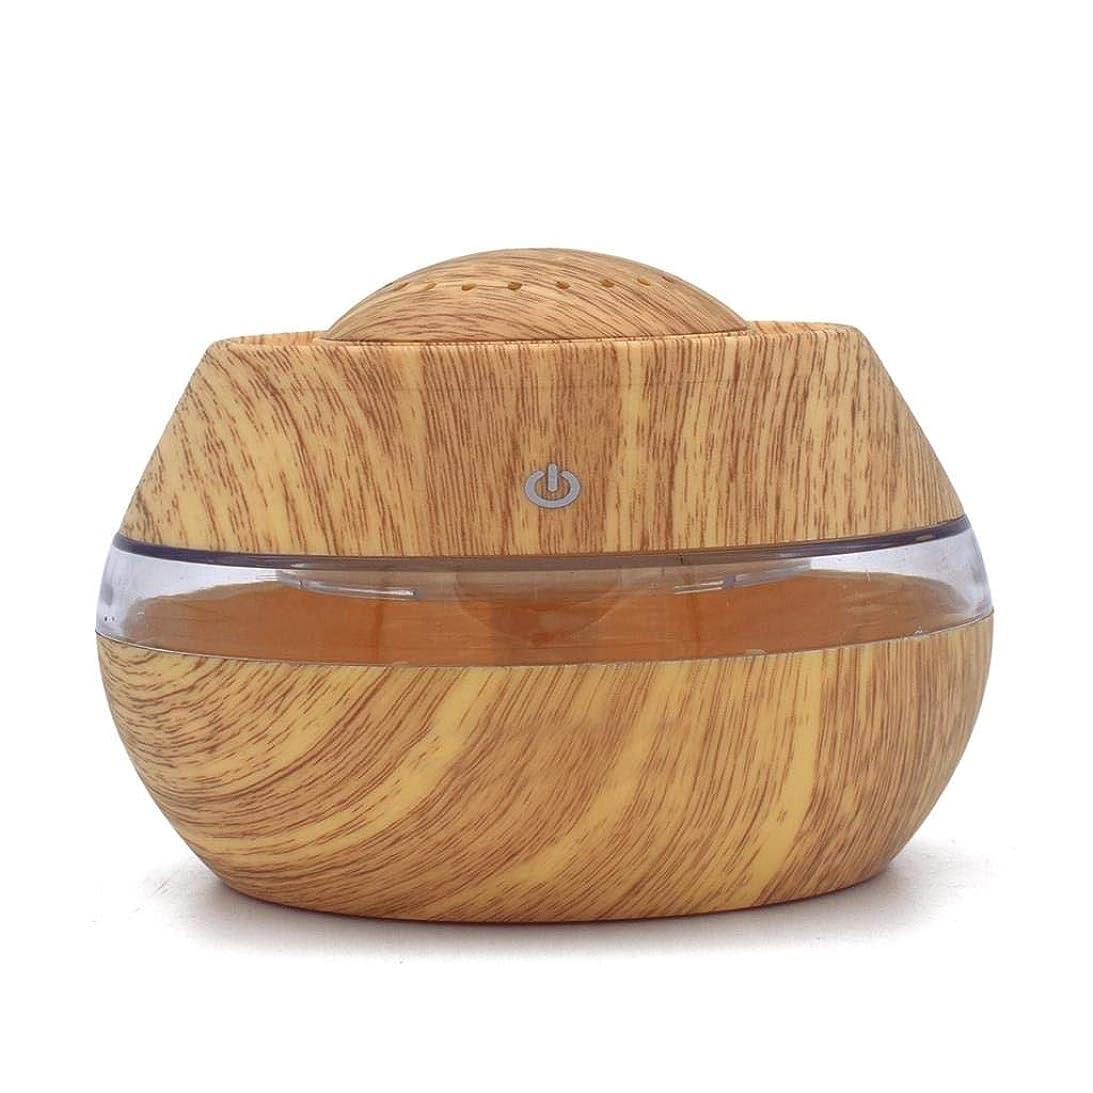 ドリンク思い出す恐ろしい芳香 拡張器 清涼 薄霧 加湿器 騒音36dB 以下 ミスト アロマ フレグランス 癒し リラックス 調光 LED 寝室 (Color : Light wood)